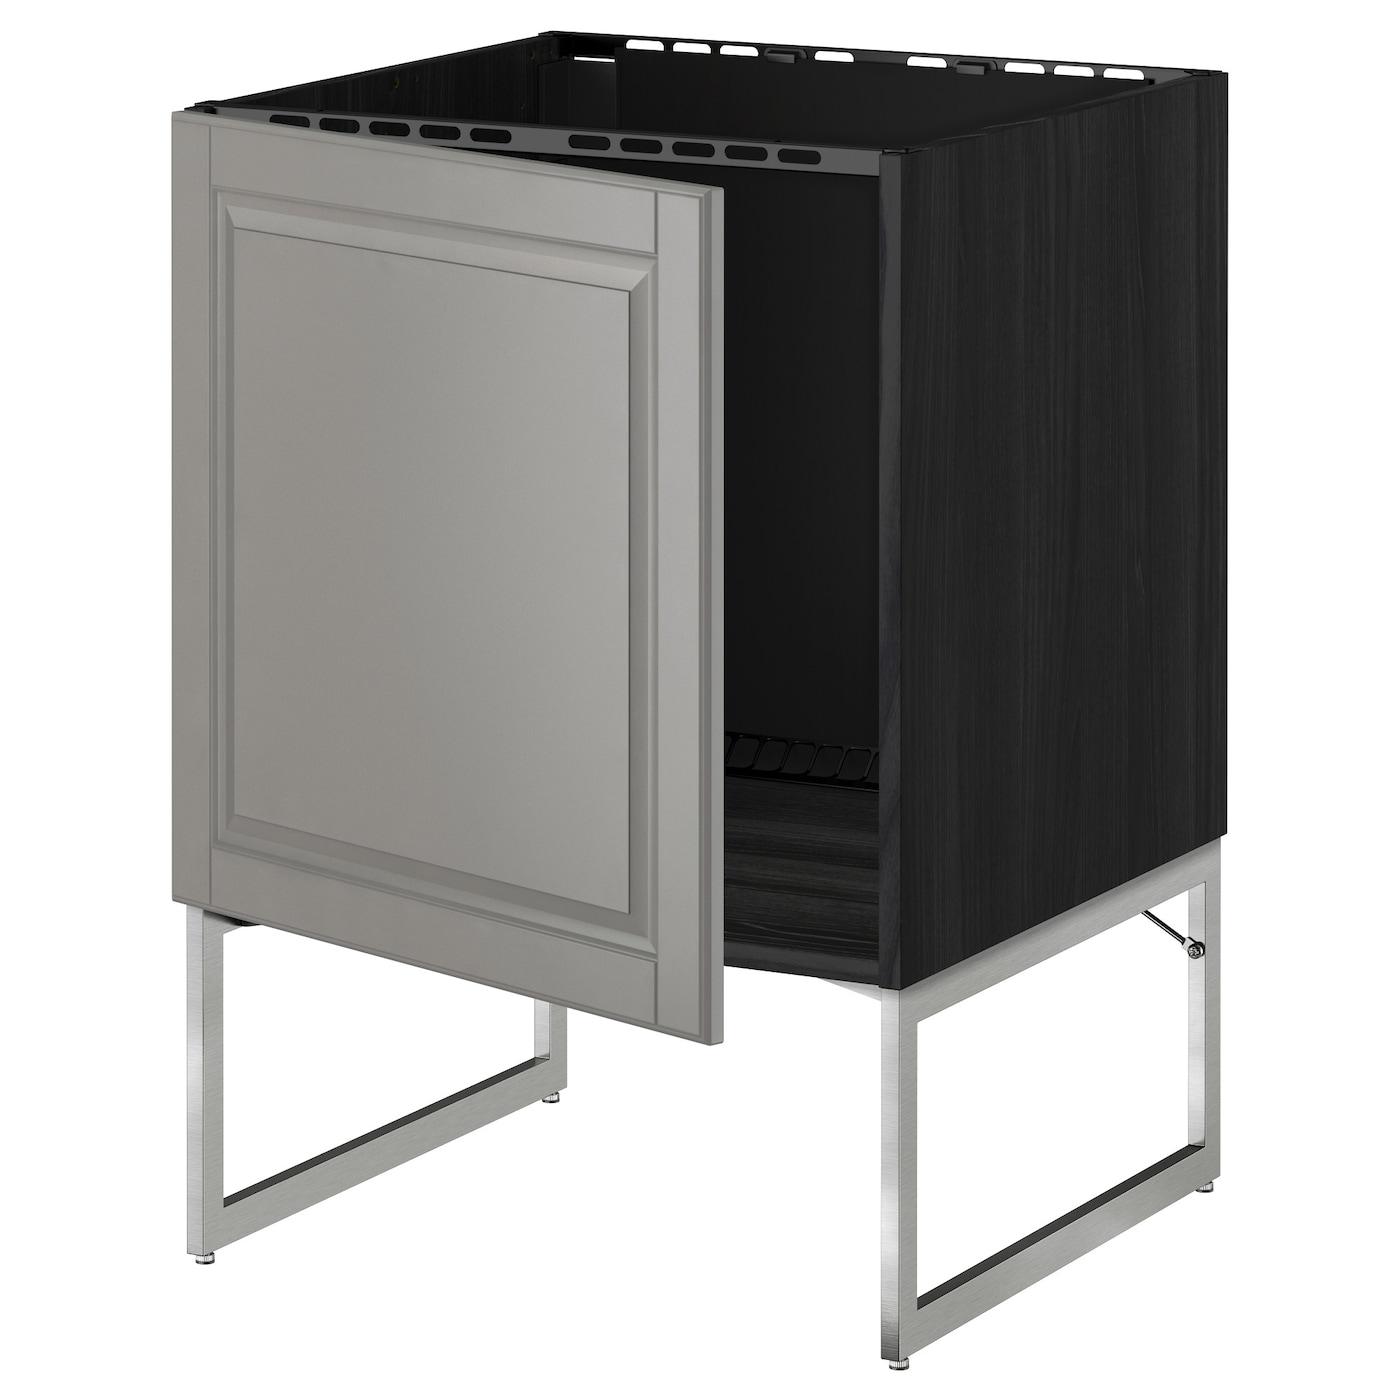 METOD Base Cabinet For Sink Black/bodbyn Grey 60x60x60 Cm